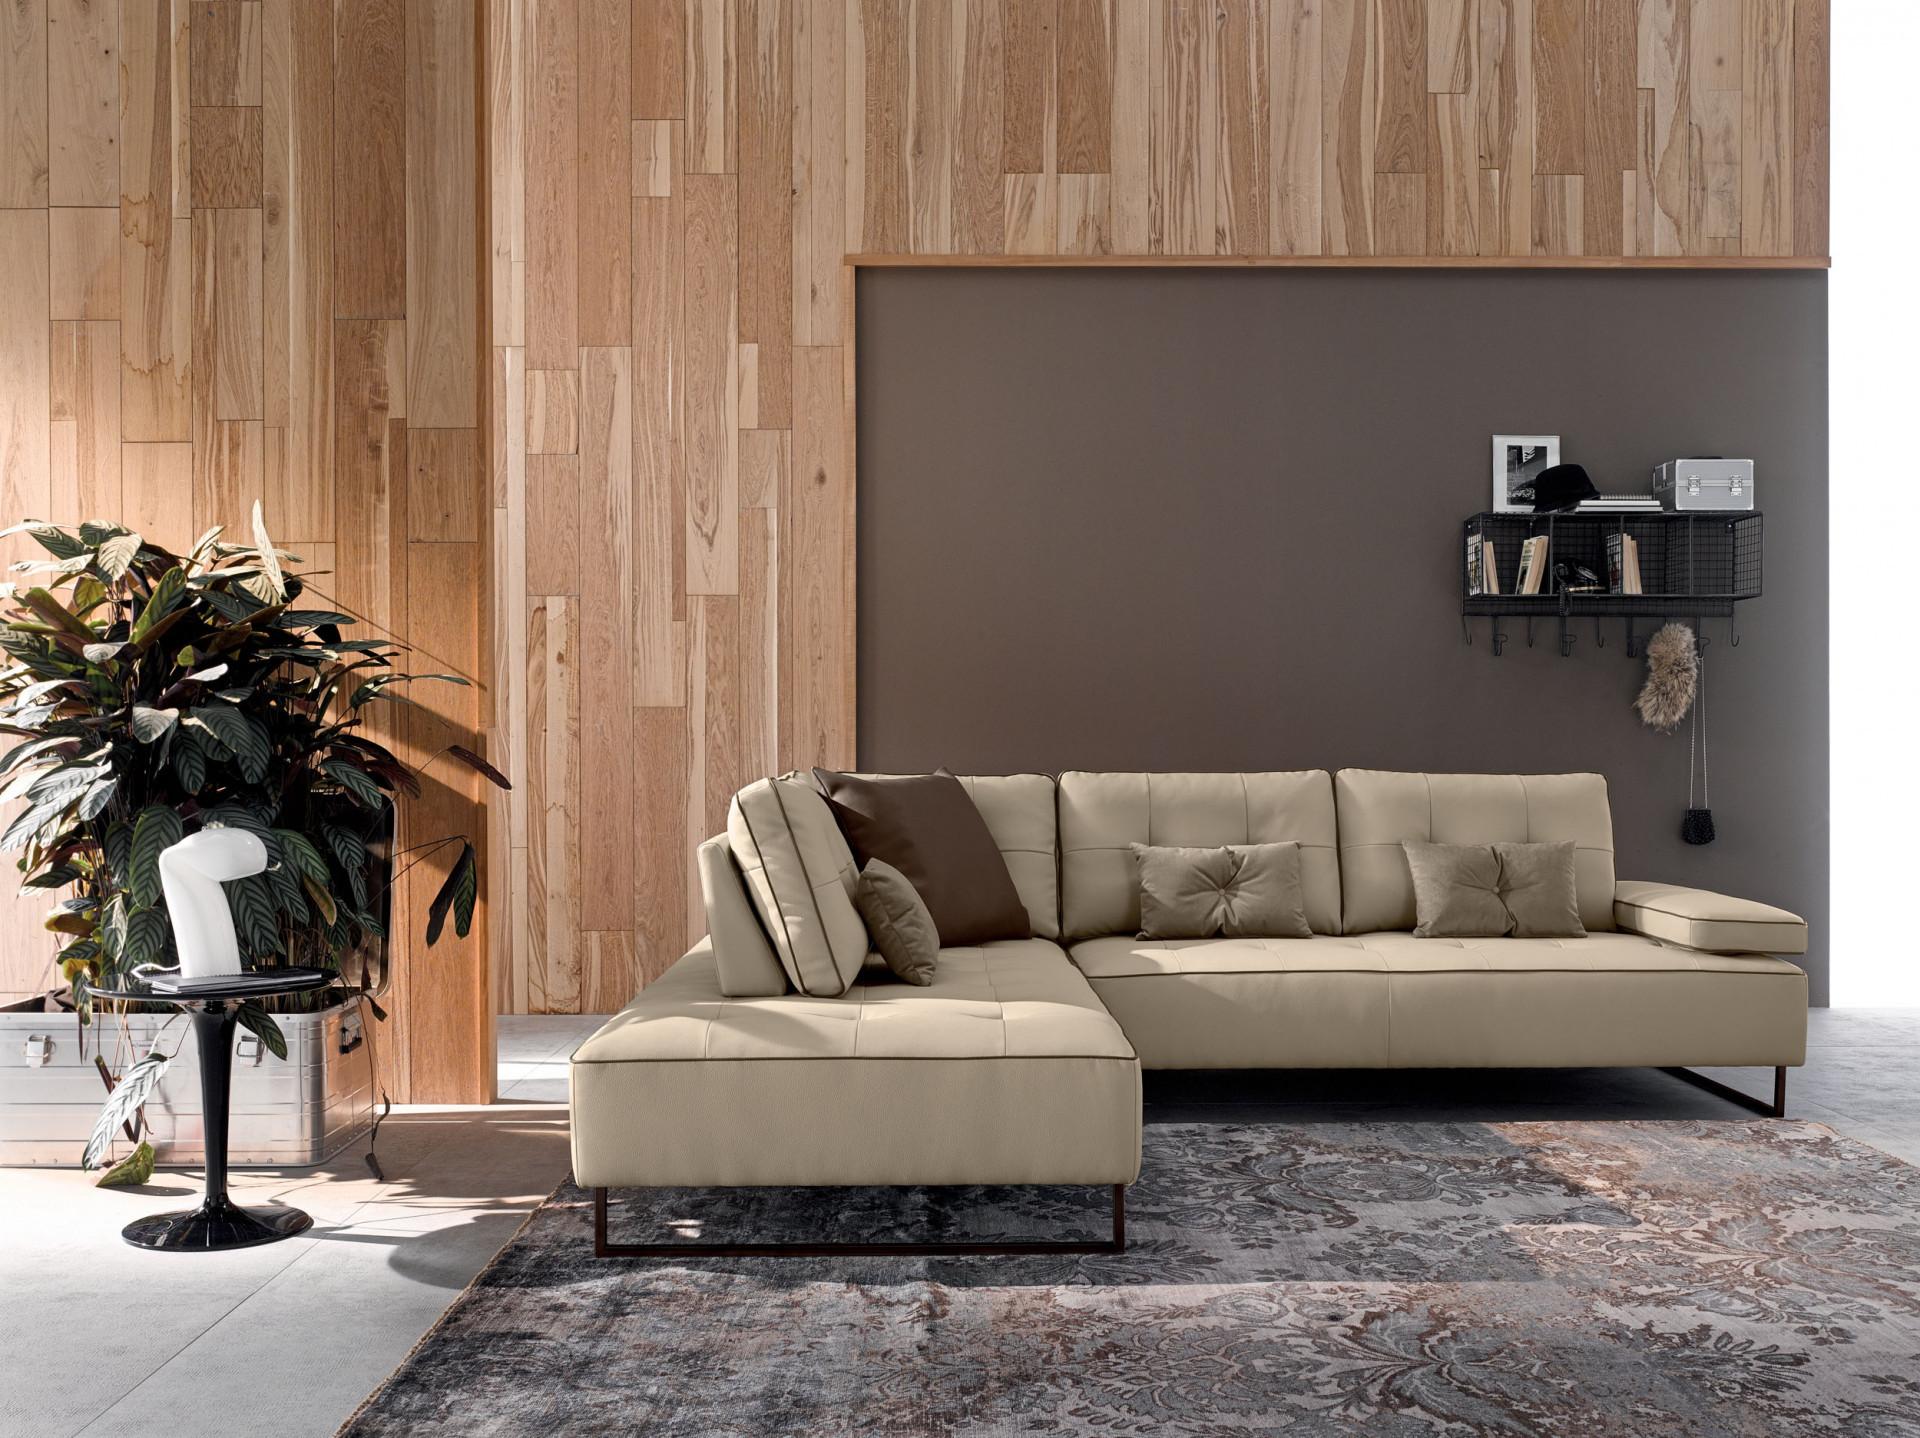 Divani - divani componibili e moderni | LeComfort